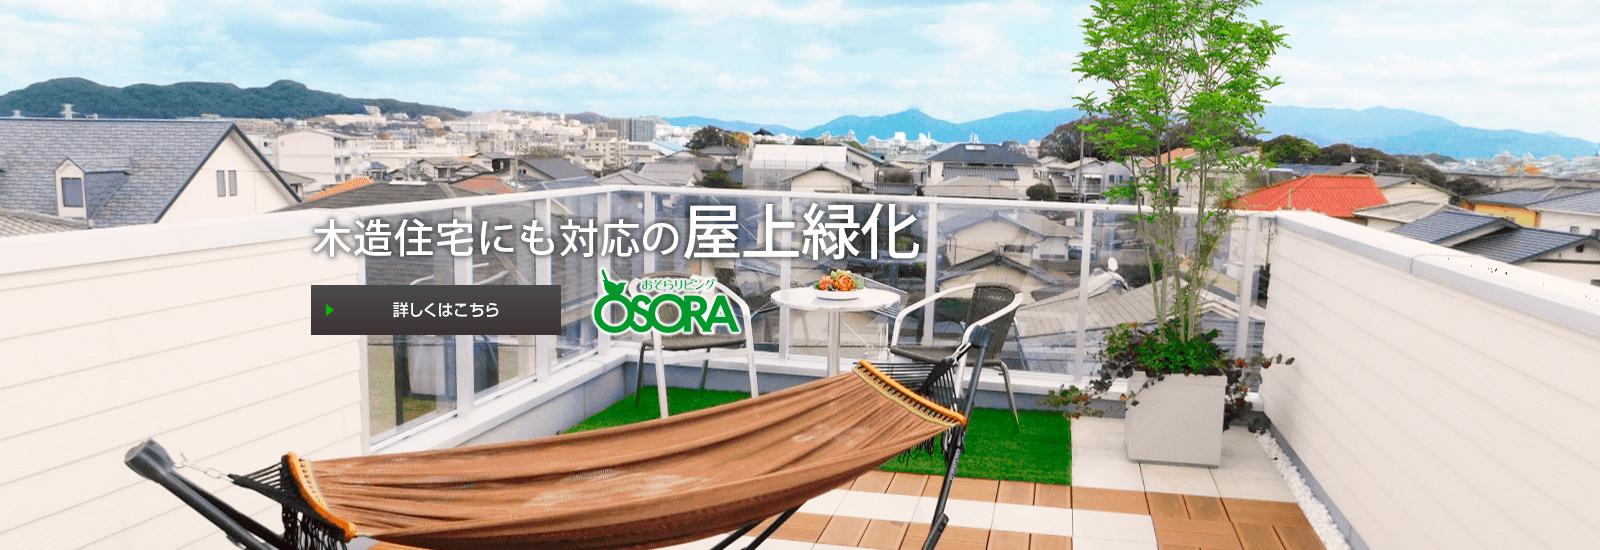 夢のプライベートガーデン! 屋上緑化